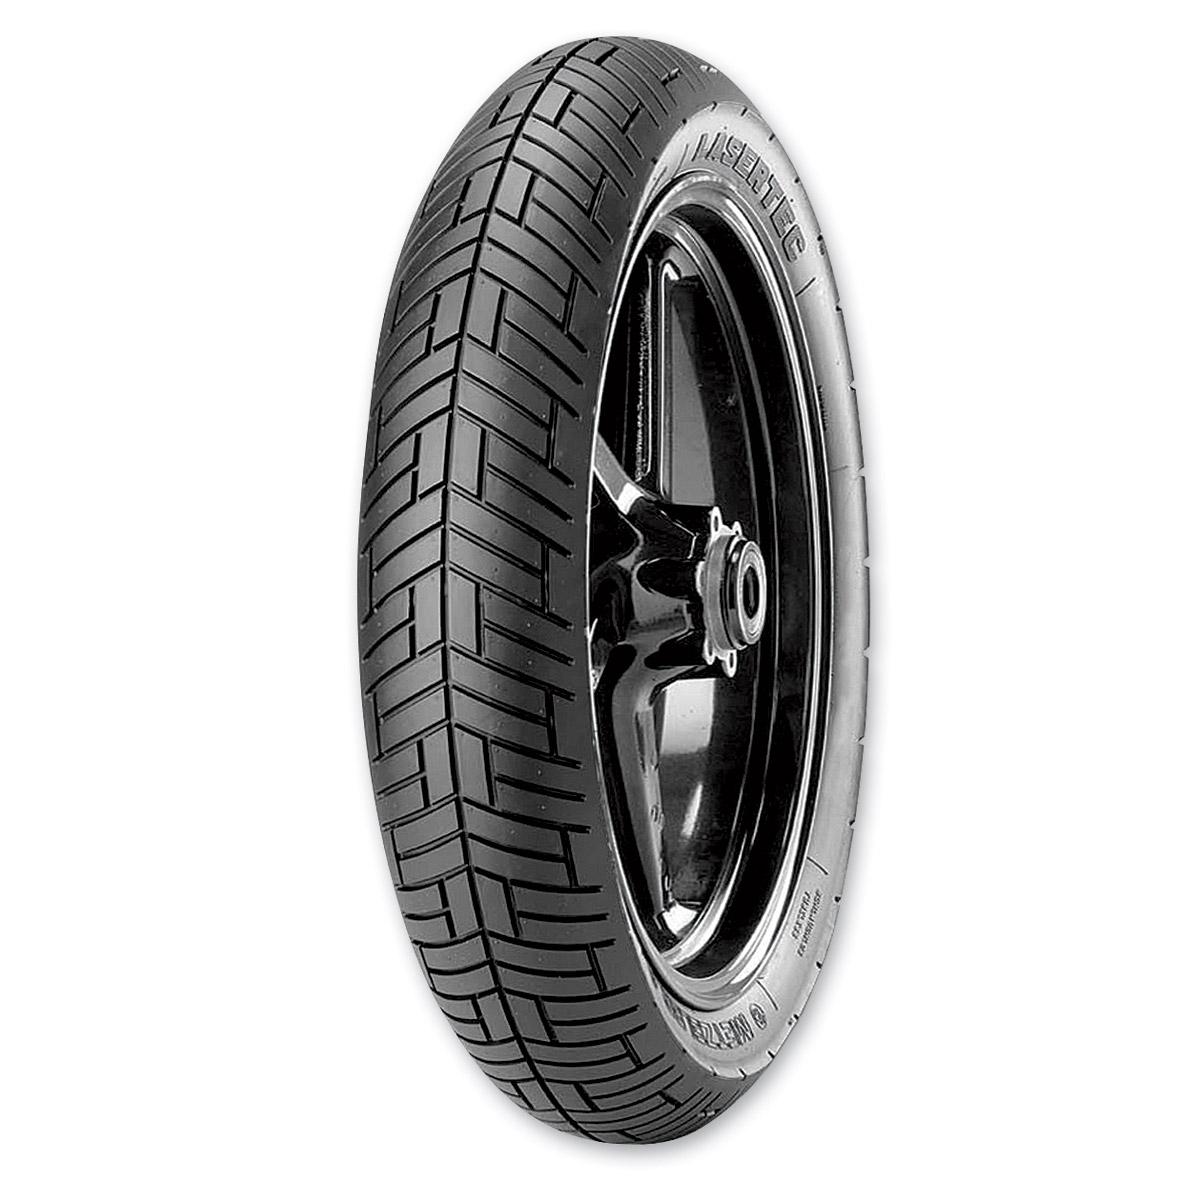 Metzeler Lasertec 110/90-18 Front Tire